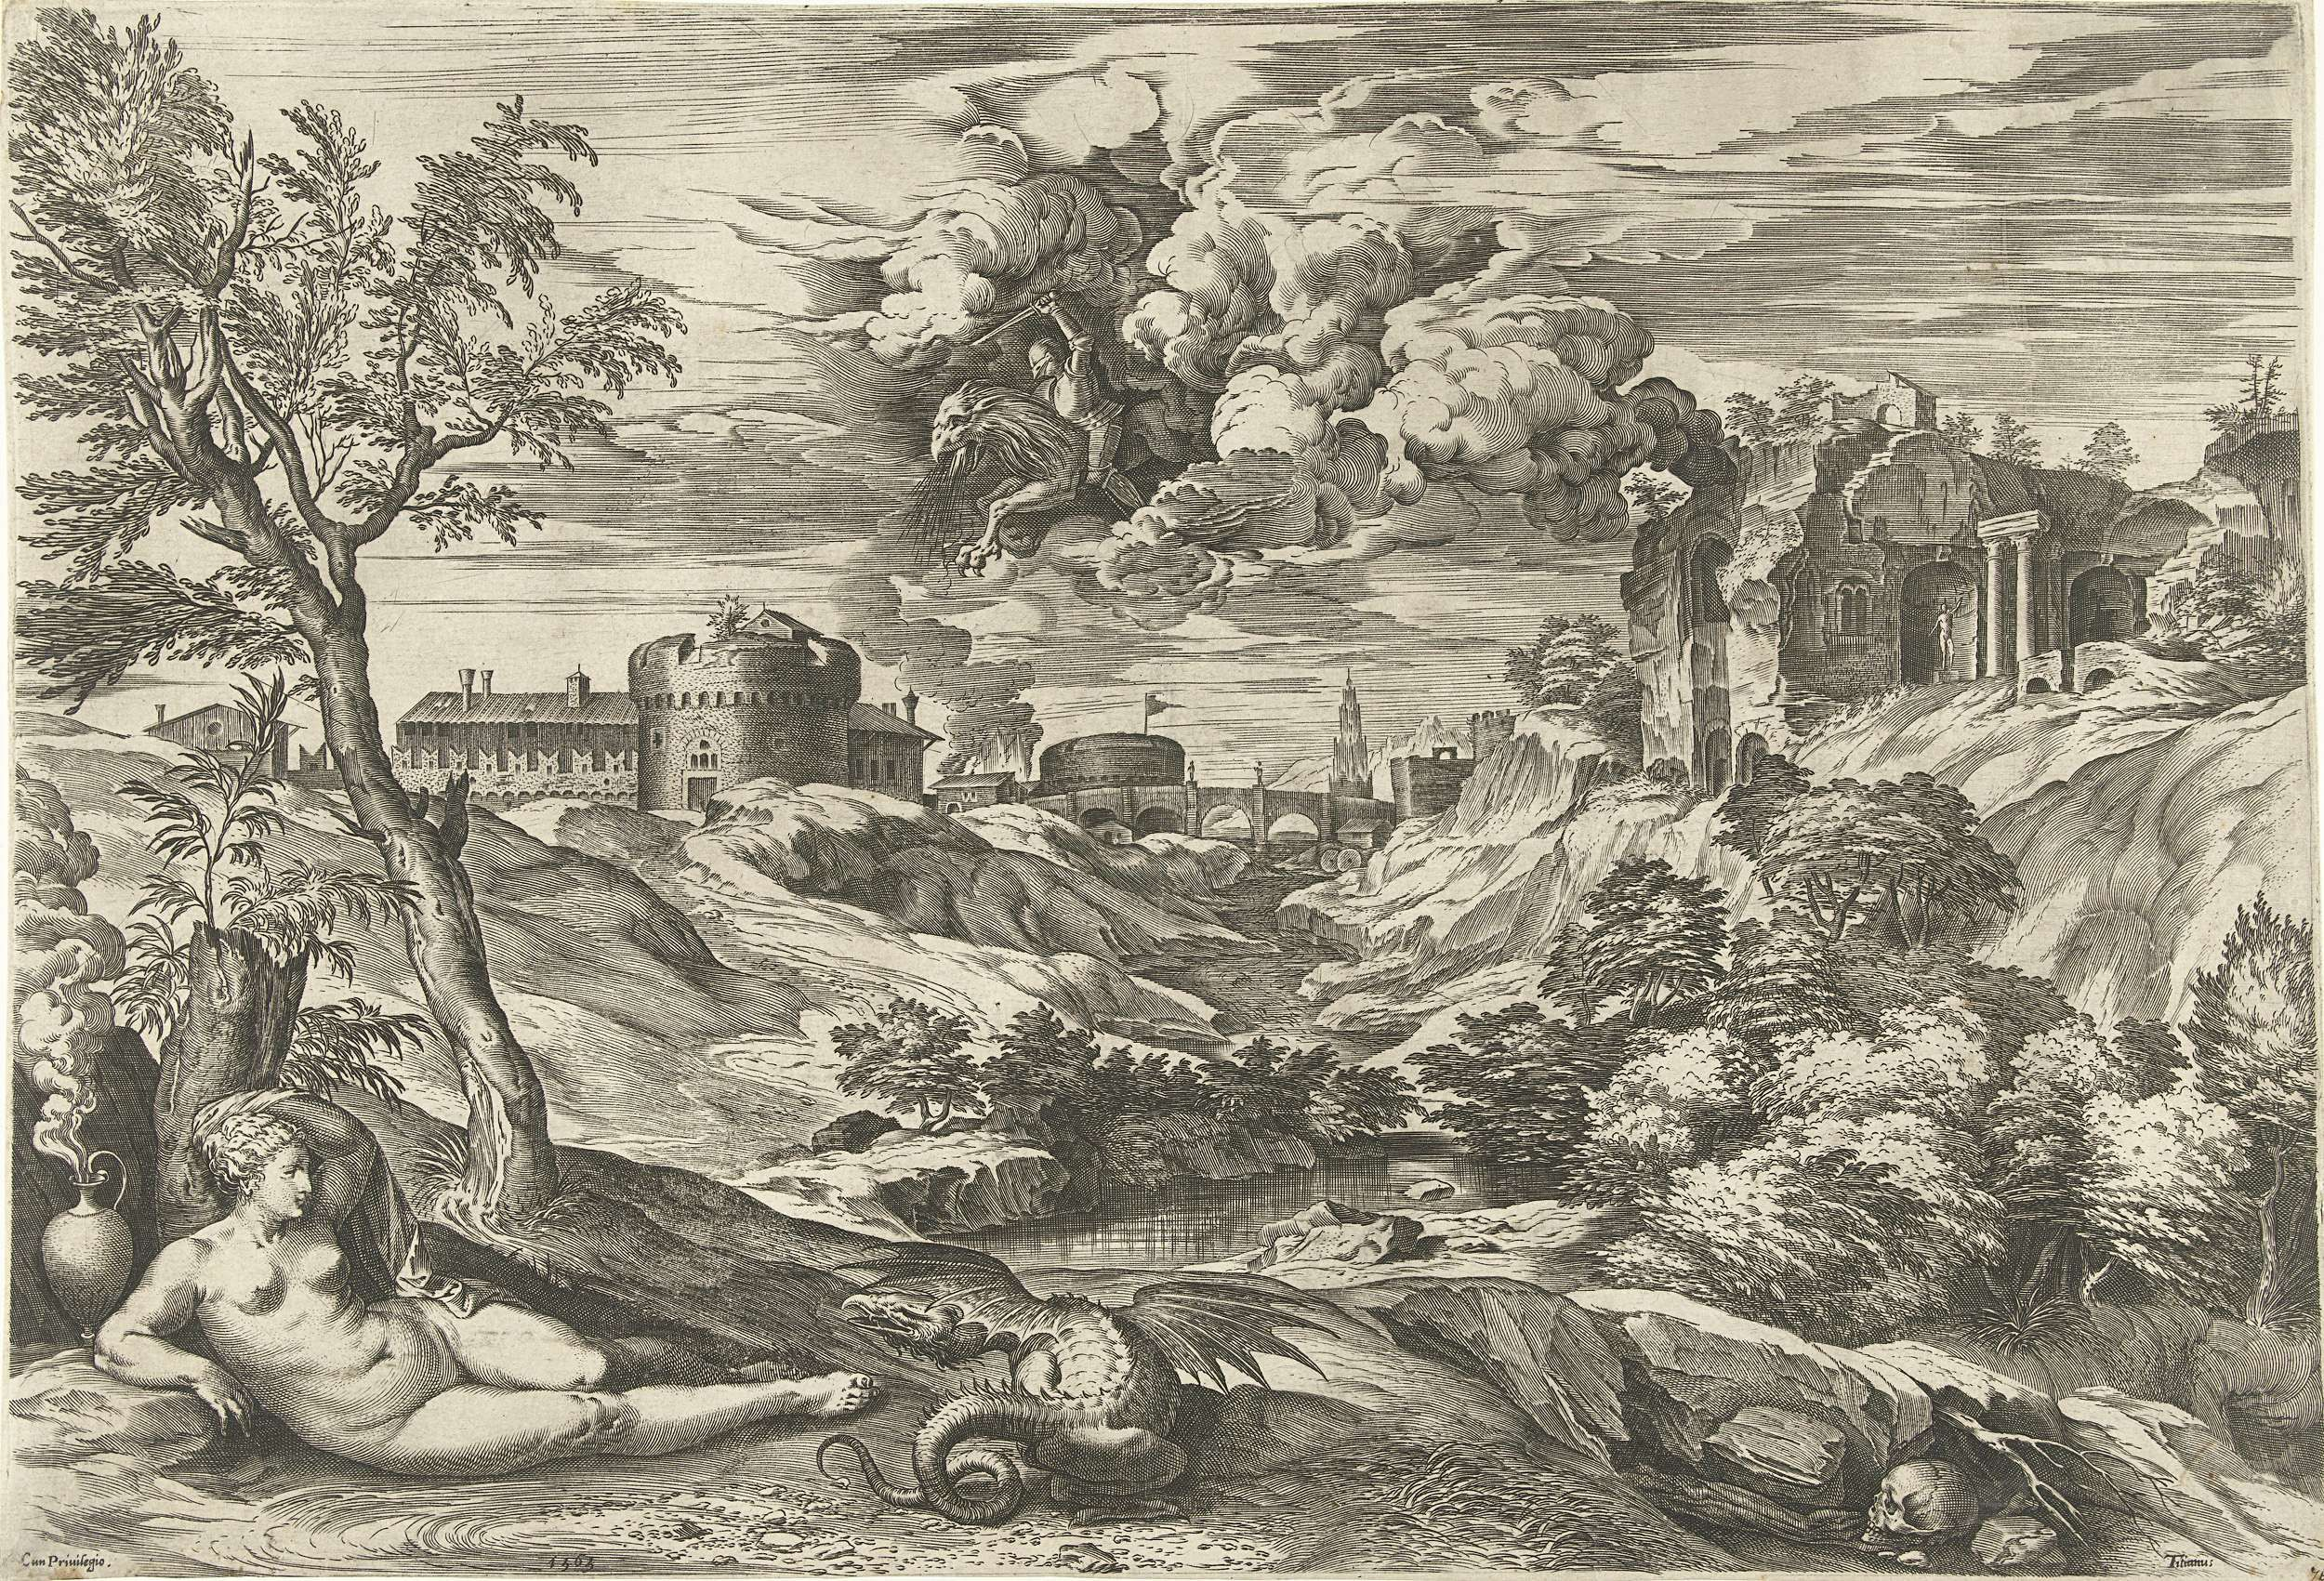 Cornelis Cort | Landschap met Ruggiero die Angelica bevrijdt, Cornelis Cort, unknown, 1565 | Landschap met de ridder Ruggiero die Angelica bevrijdt. Ruggiero rijdt op een hippogrijf. Een draak bewaakt de schone Angelica. Scène uit het episch gedicht  'Orlando Furioso' (1516) van Ludovico Ariosto.